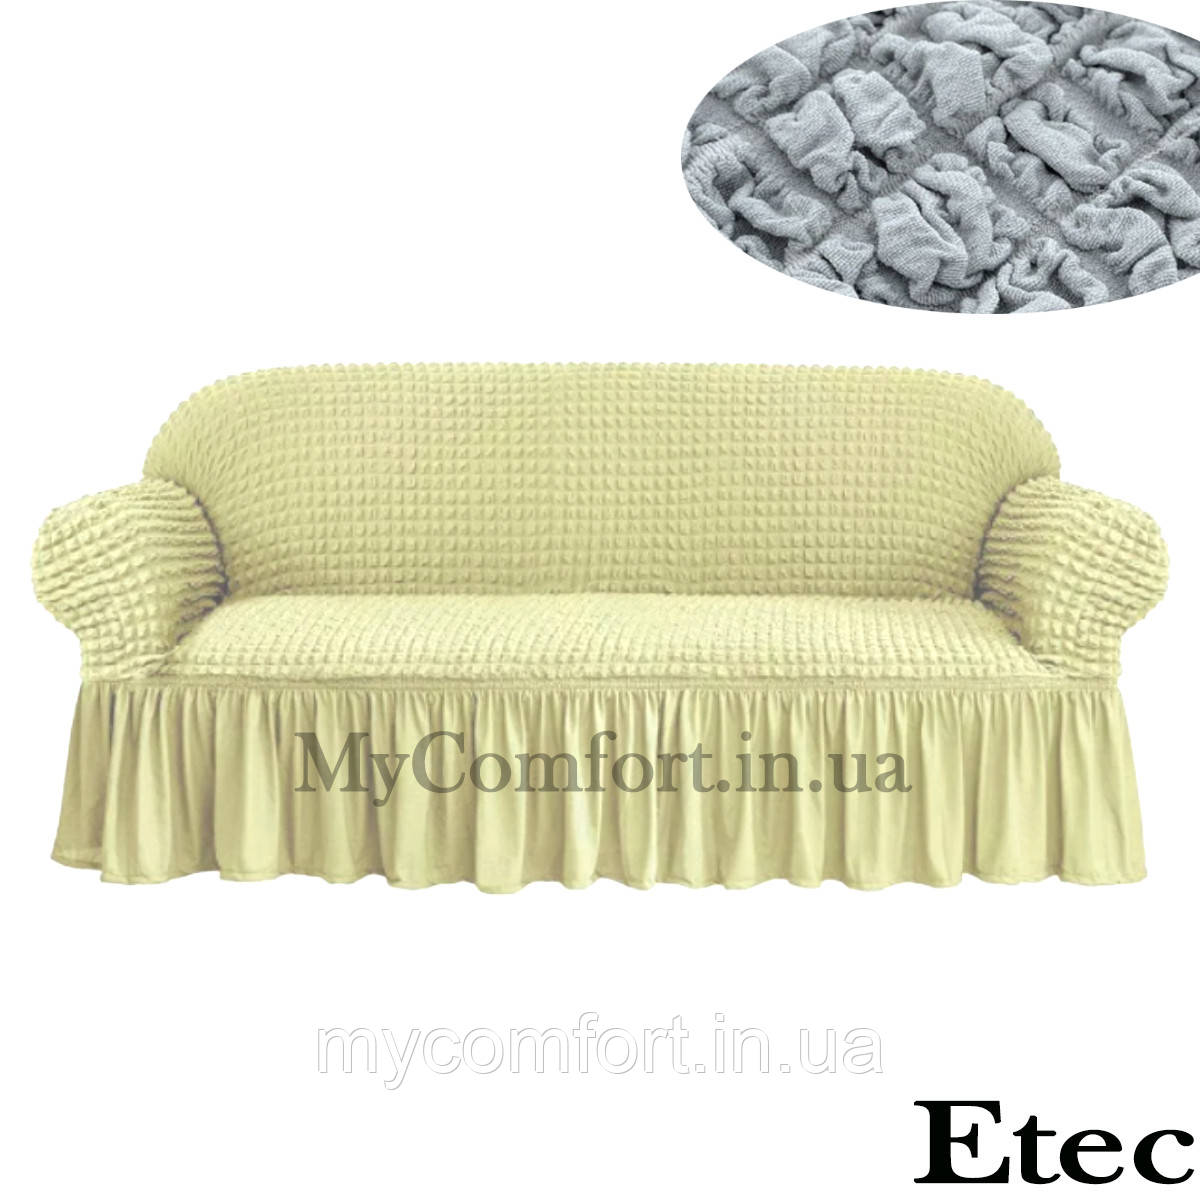 Чехол на диван Etec (универсальный). Кремовый